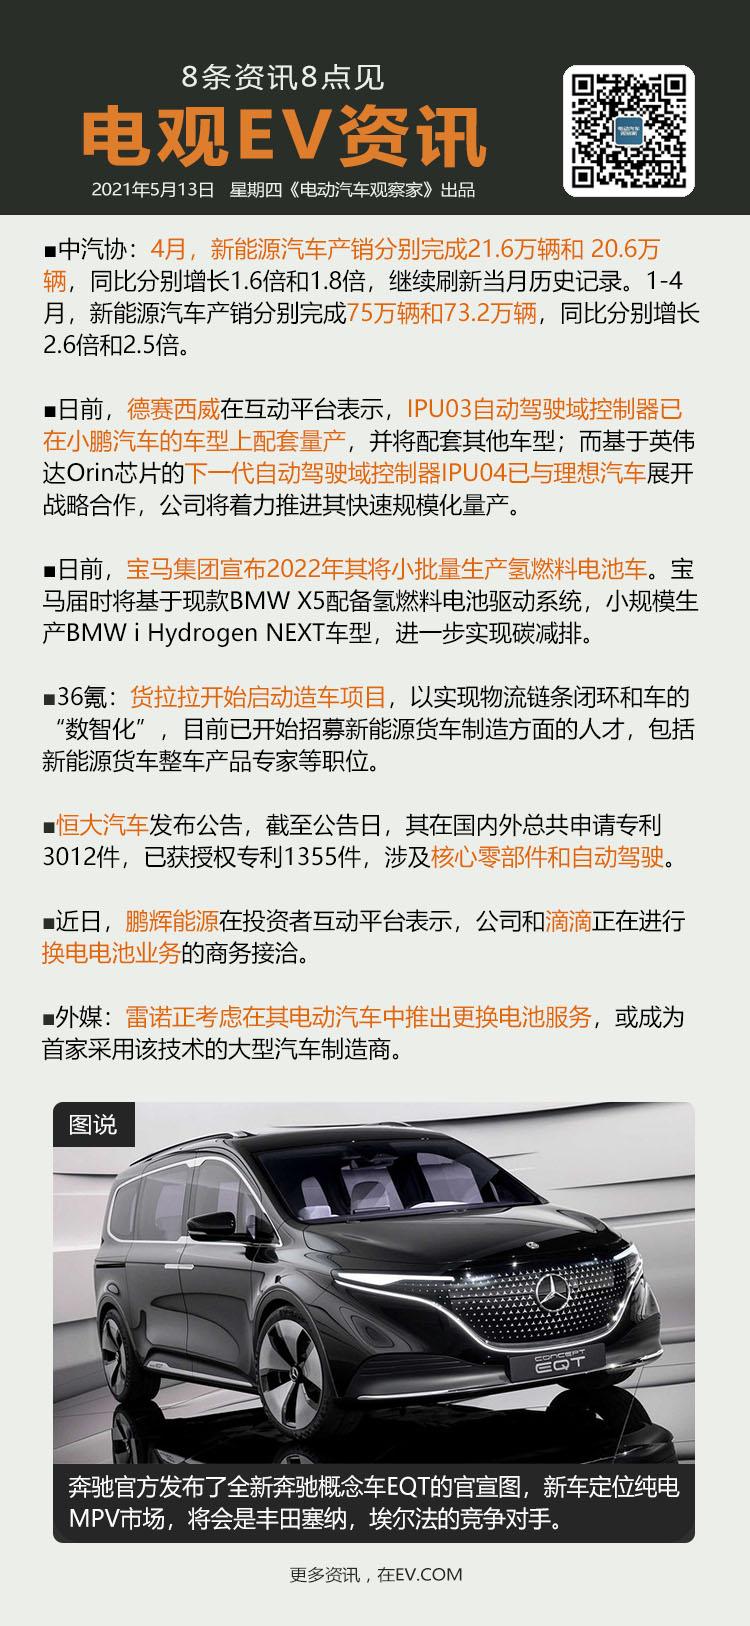 5月14日:4月中国新能源汽车产销均超20万辆、德赛西威IPU03自动驾驶域控制...